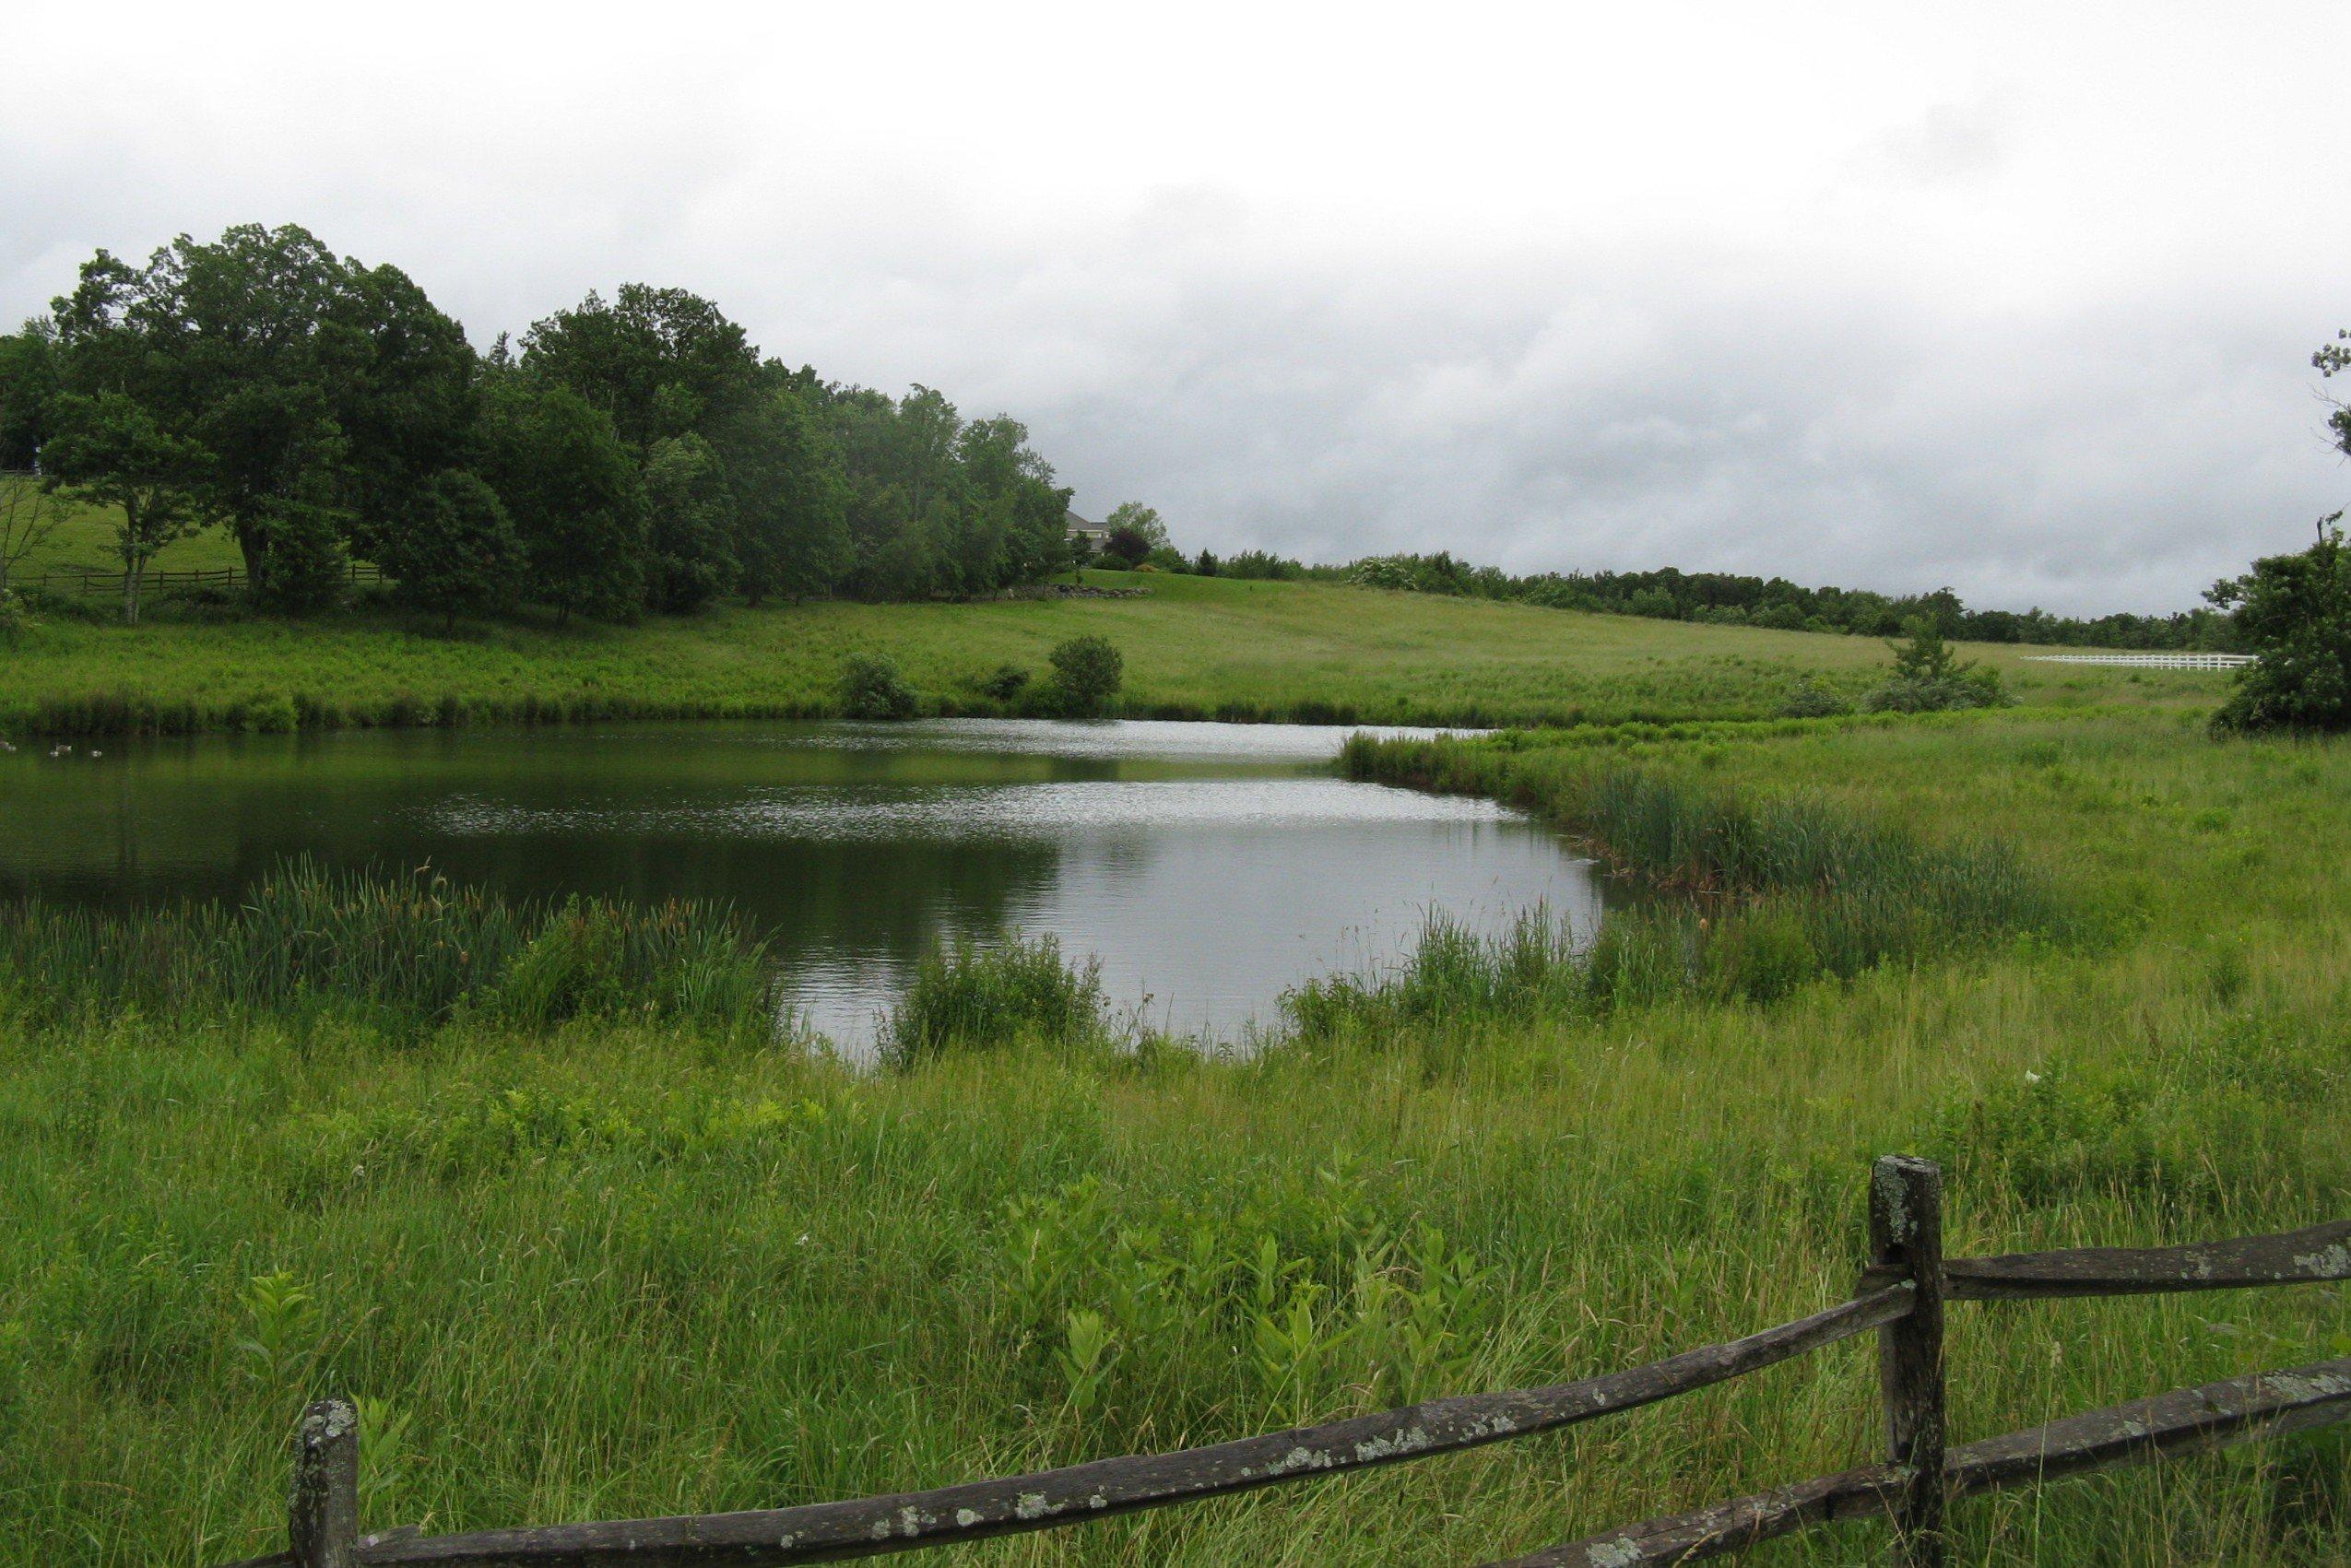 نهر بركة وروافده بالصور Pond_off_Still_River_Rd_Still_River_MA